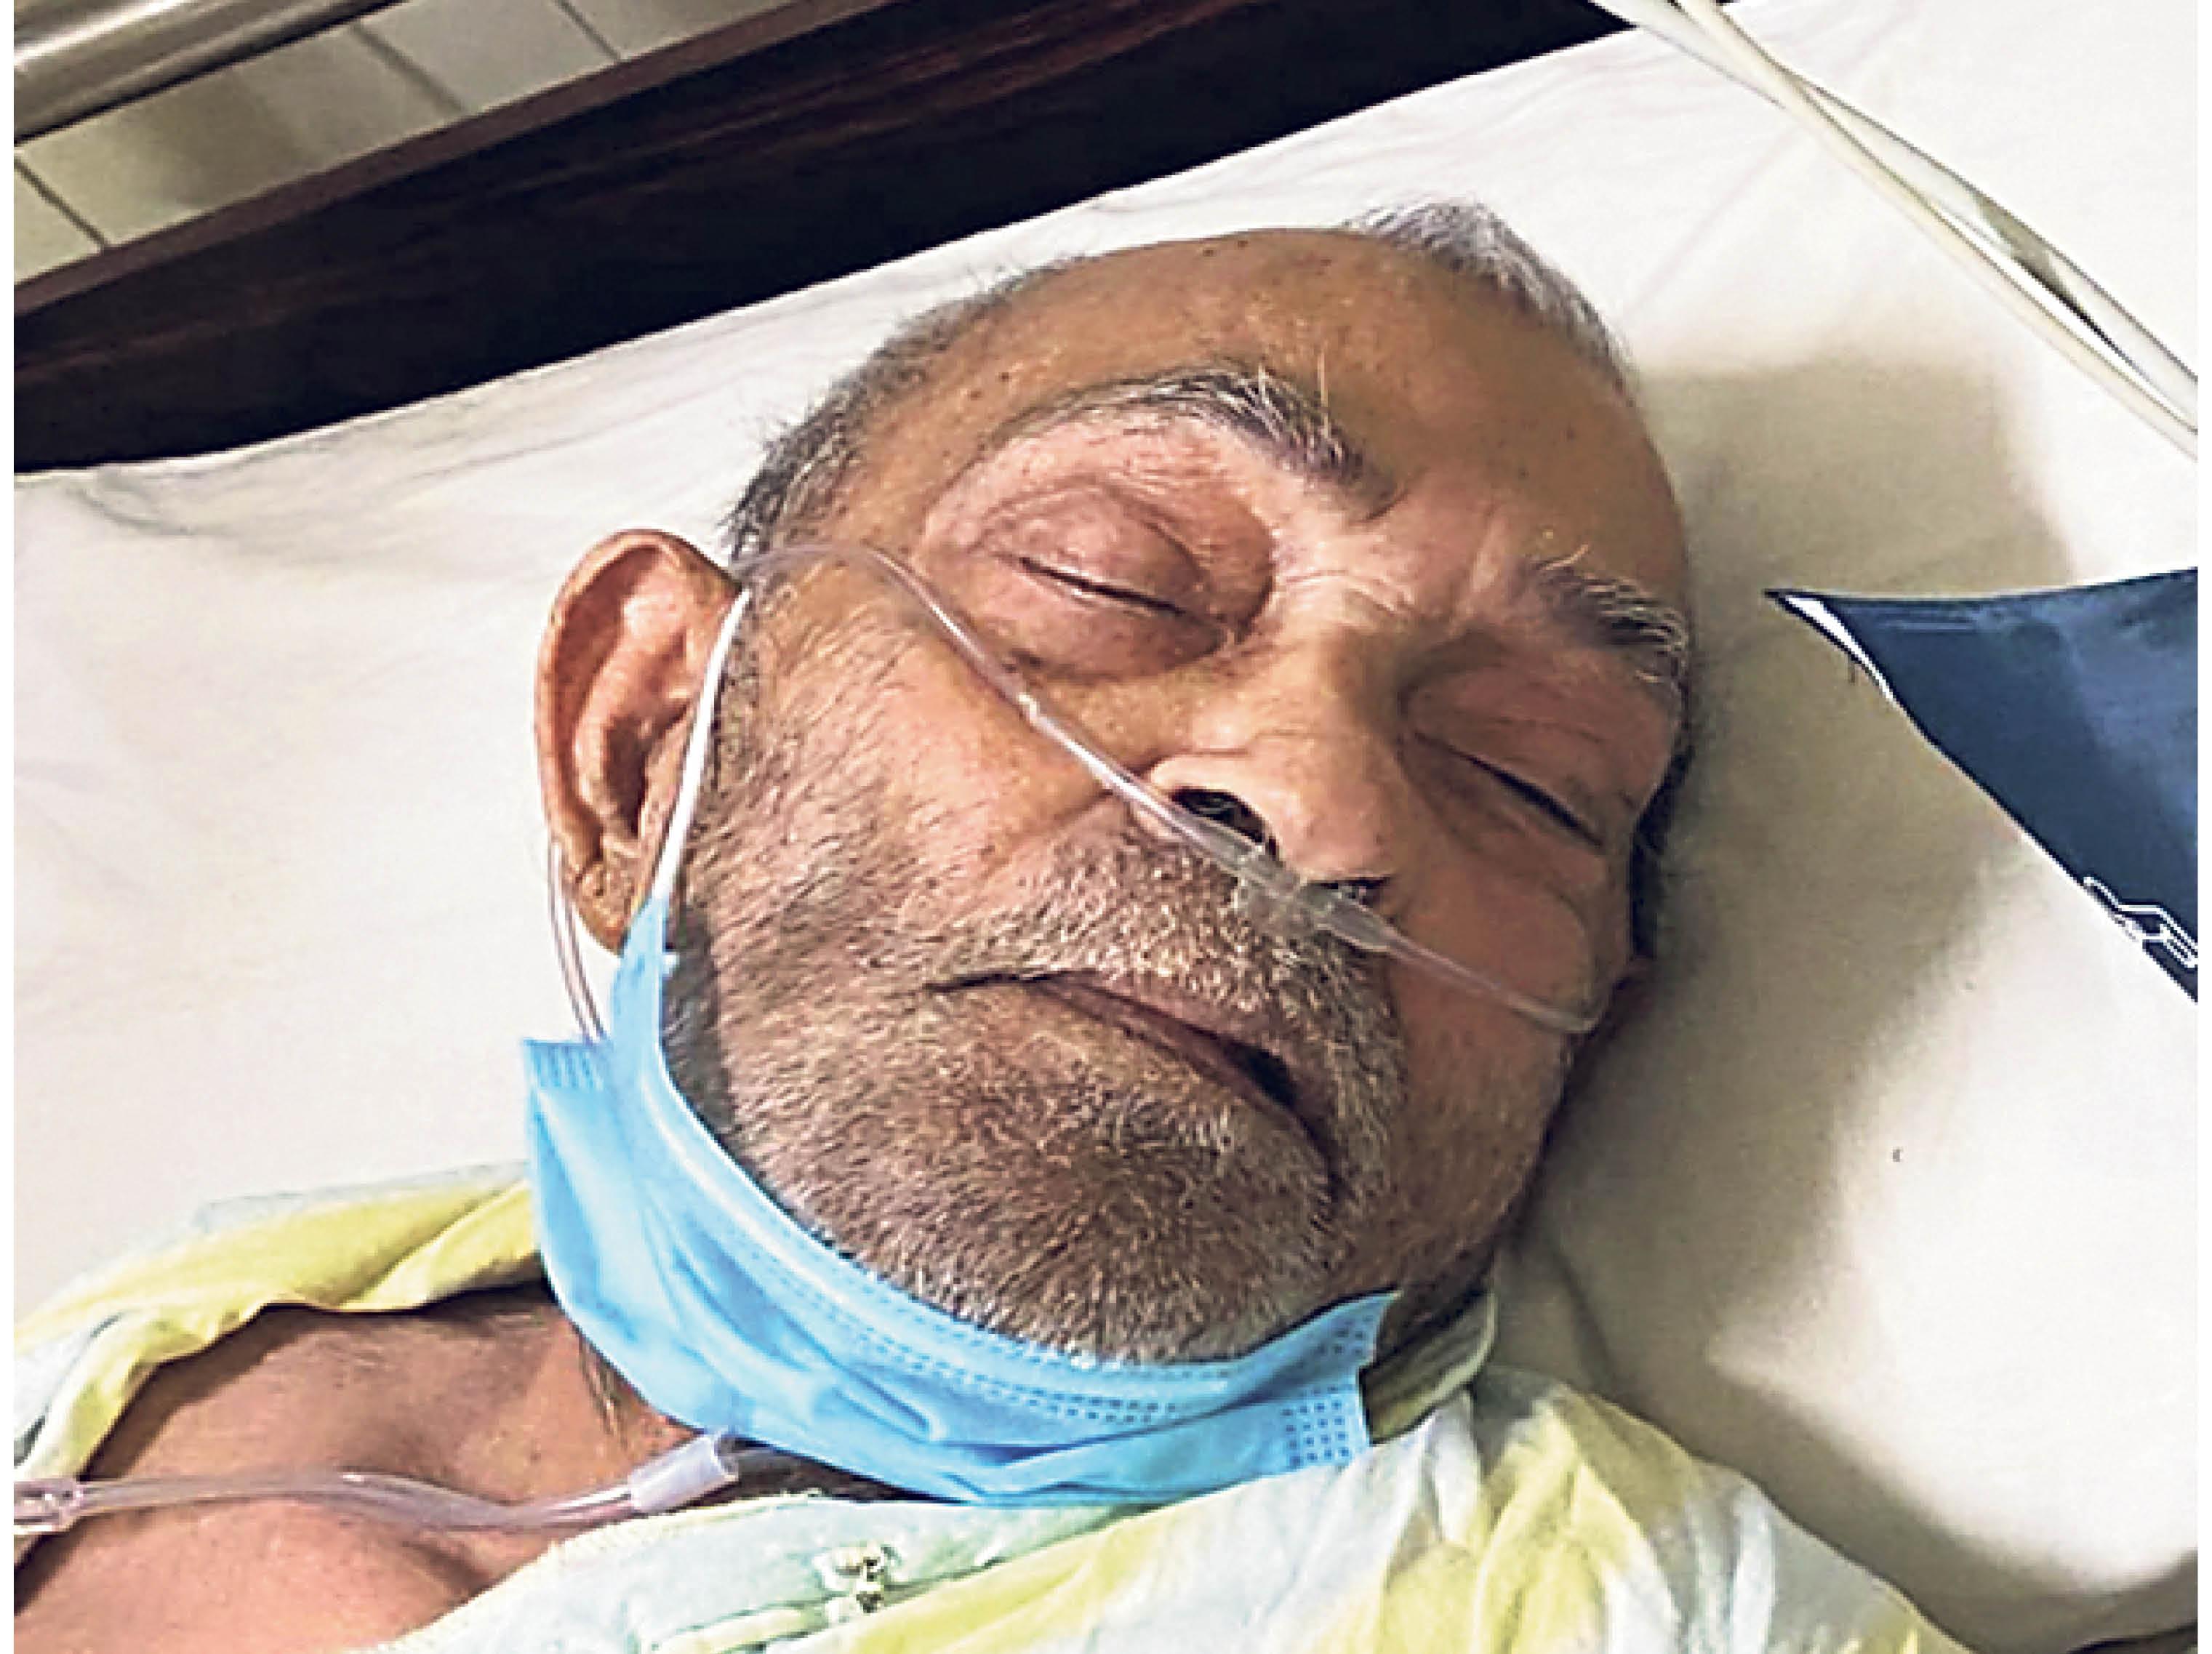 ये डॉ. कुलश्रेष्ठ हैं; रेमडेसिविर के लिए 2 दिन से अस्पताल में हैं - Dainik Bhaskar